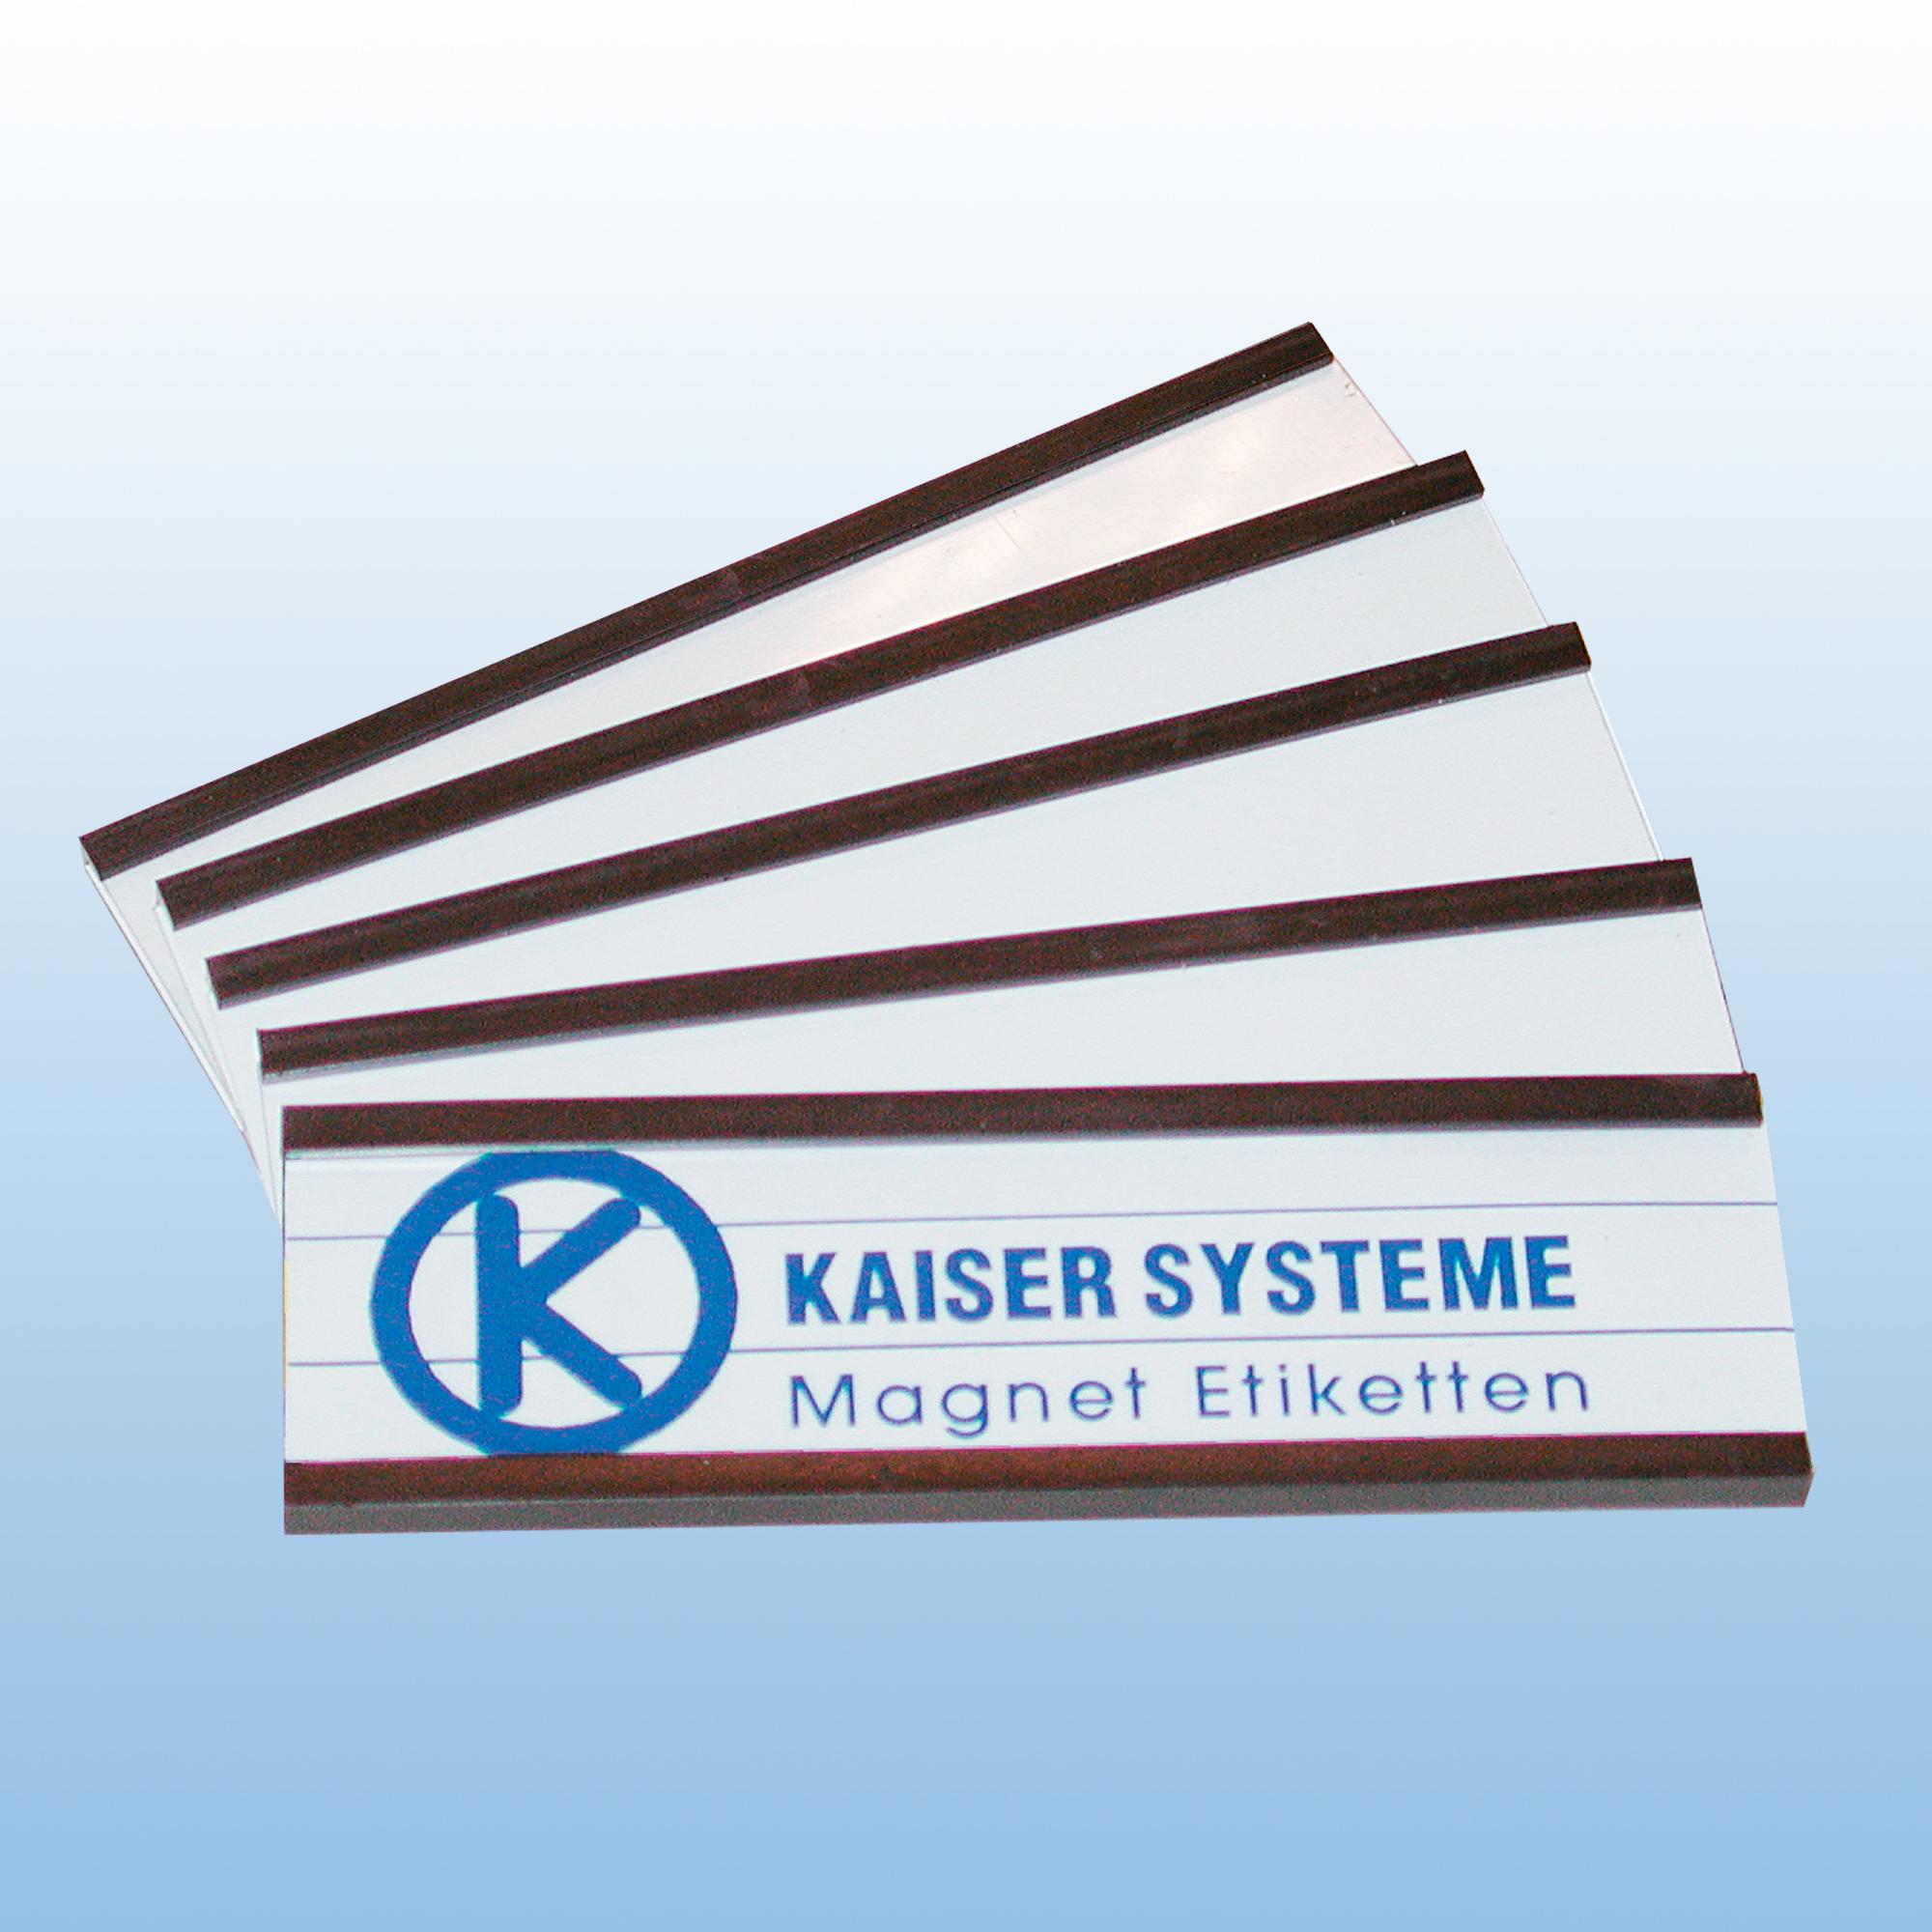 Magnet-Etiketten A0102 | Zubehör von Kaiser Systeme